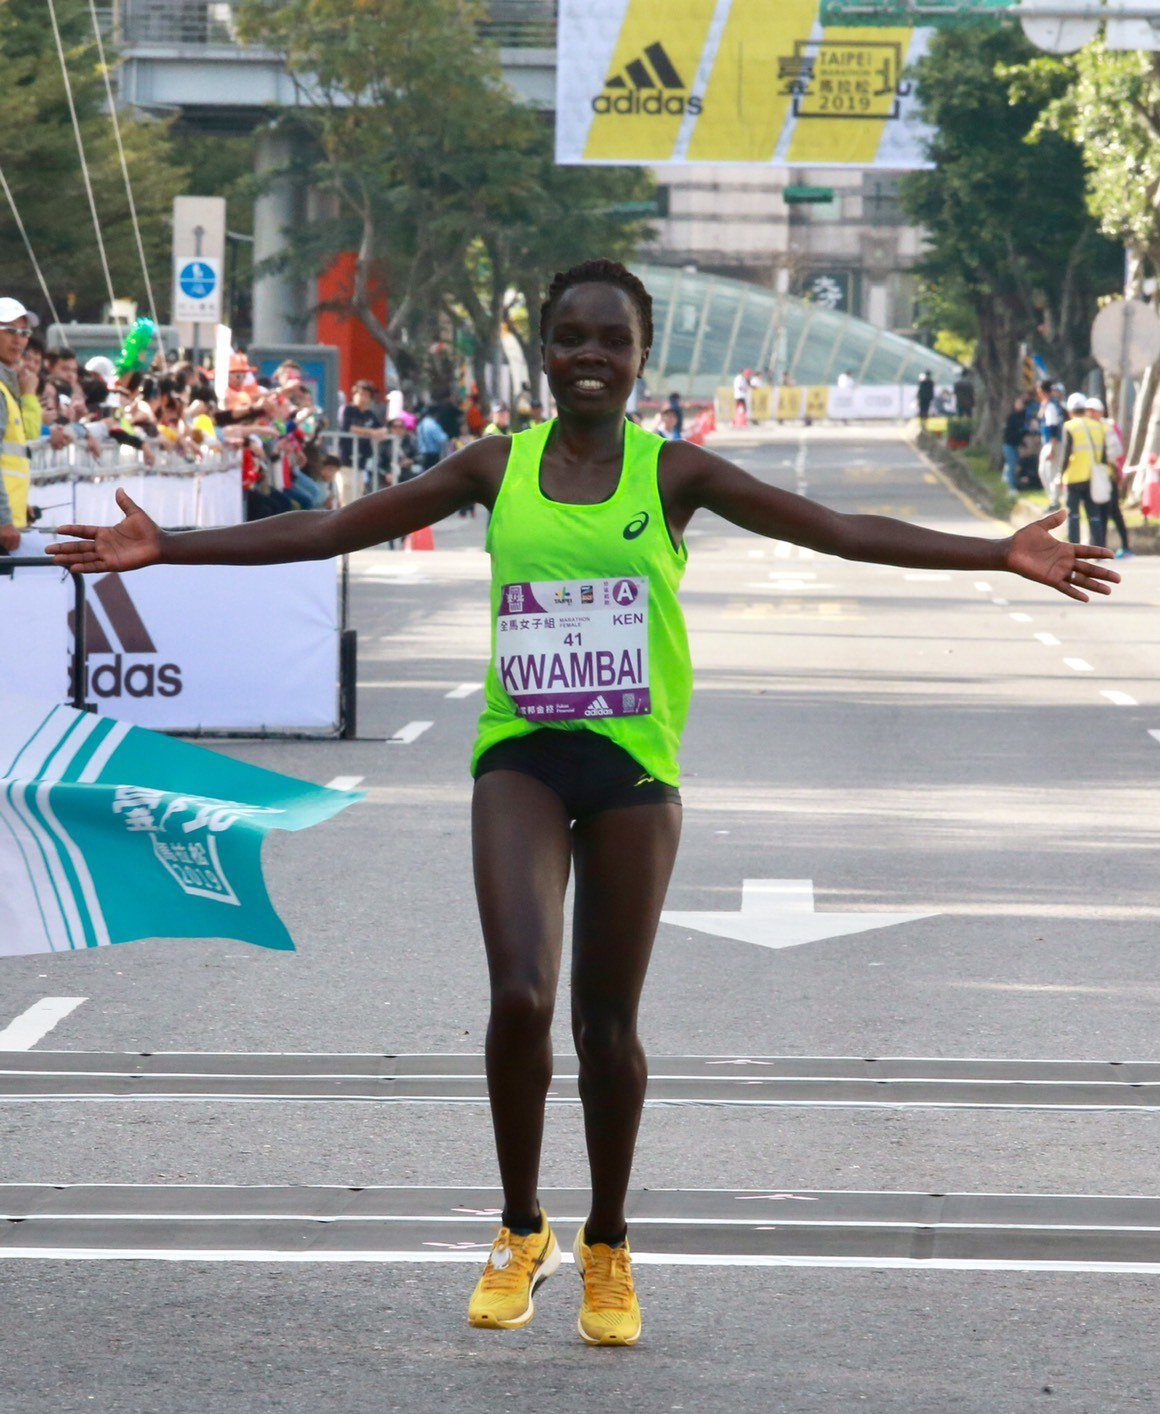 首度來台的肯亞跑者卡萬拜收穫今年台北馬拉松女子組冠軍。記者黃義書/攝影